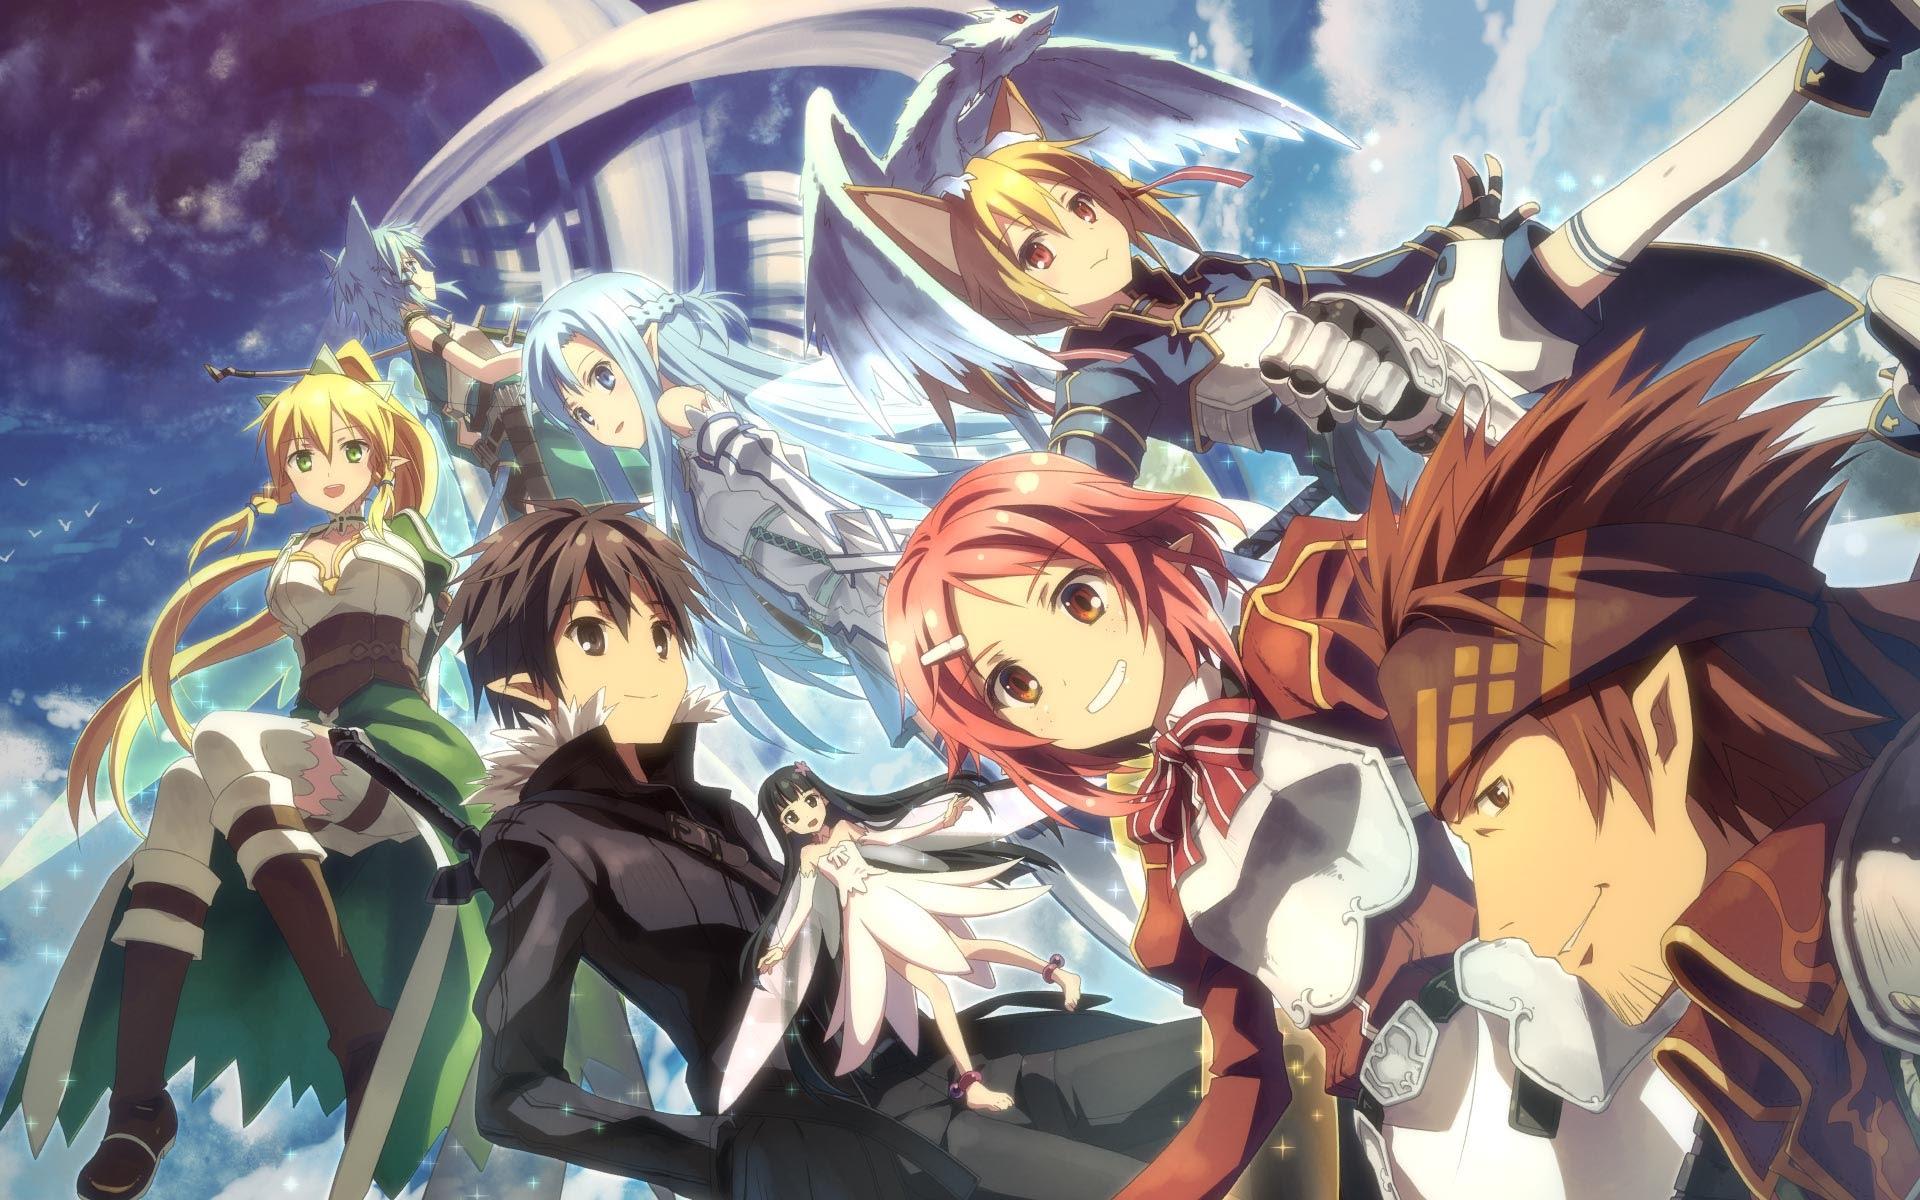 Sword Art Online ソードアート オンライン 壁紙 37732671